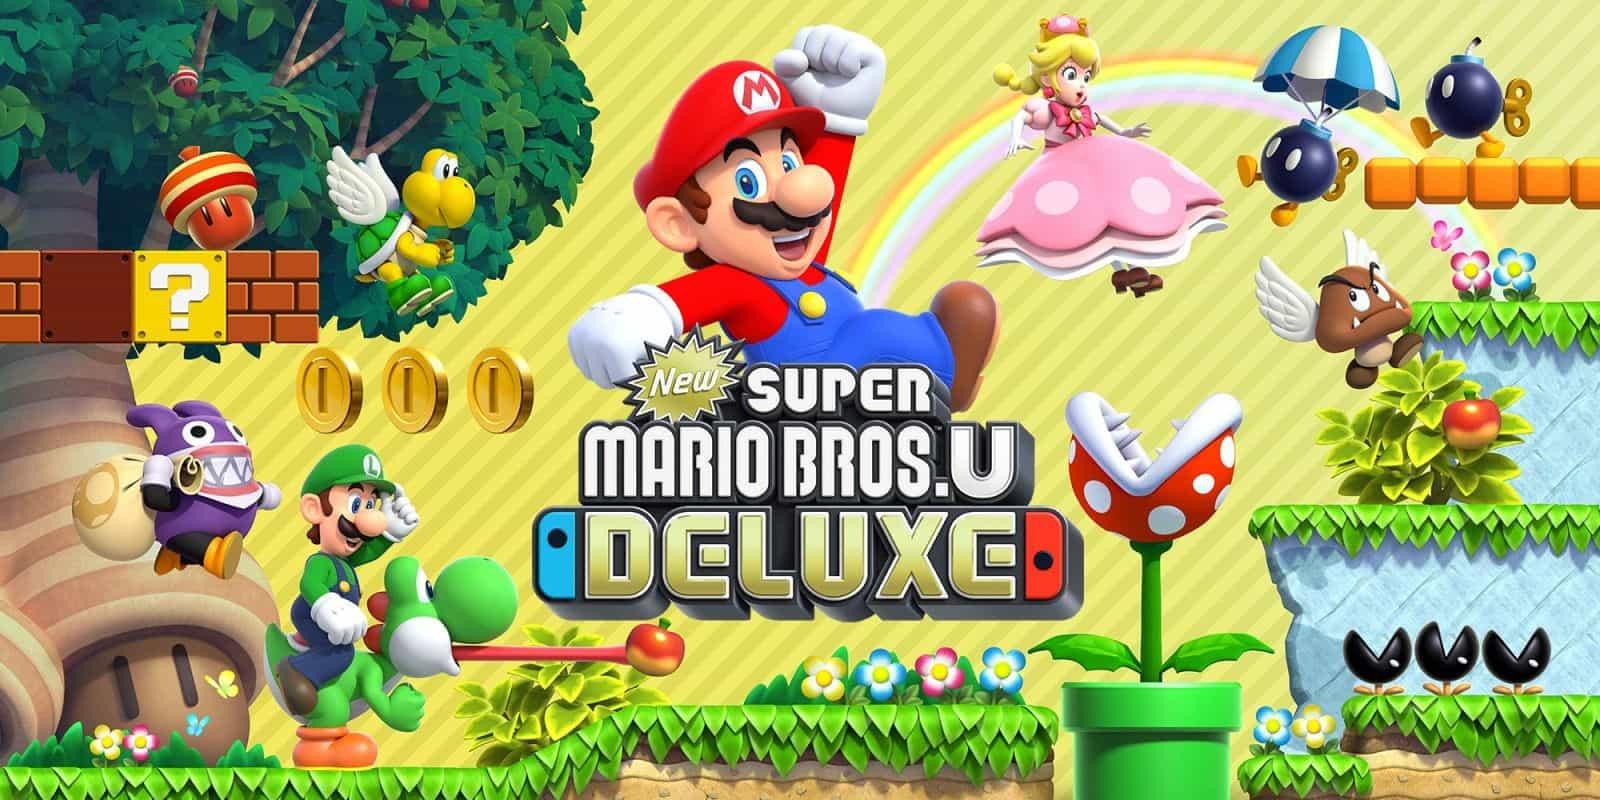 amazon New Super Mario Bros. U Deluxe reviews New Super Mario Bros. U Deluxe on amazon newest New Super Mario Bros. U Deluxe prices of New Super Mario Bros. U Deluxe New Super Mario Bros. U Deluxe deals best deals on New Super Mario Bros. U Deluxe buying a New Super Mario Bros. U Deluxe lastest New Super Mario Bros. U Deluxe what is a New Super Mario Bros. U Deluxe New Super Mario Bros. U Deluxe at amazon where to buy New Super Mario Bros. U Deluxe where can i you get a New Super Mario Bros. U Deluxe online purchase New Super Mario Bros. U Deluxe New Super Mario Bros. U Deluxe sale off New Super Mario Bros. U Deluxe discount cheapest New Super Mario Bros. U Deluxe New Super Mario Bros. U Deluxe for sale New Super Mario Bros. U Deluxe products New Super Mario Bros. U Deluxe tutorial New Super Mario Bros. U Deluxe specification New Super Mario Bros. U Deluxe features New Super Mario Bros. U Deluxe test New Super Mario Bros. U Deluxe series New Super Mario Bros. U Deluxe service manual New Super Mario Bros. U Deluxe instructions New Super Mario Bros. U Deluxe accessories New Super Mario Bros. U Deluxe downloads New Super Mario Bros. U Deluxe publisher New Super Mario Bros. U Deluxe programs New Super Mario Bros. U Deluxe license New Super Mario Bros. U Deluxe applications New Super Mario Bros. U Deluxe installation New Super Mario Bros. U Deluxe best settings test new super mario bros u deluxe tv tropes new super mario bros u deluxe target new super mario bros u deluxe test new super mario bros u deluxe switch target new super mario bros u deluxe digital tcrf new super mario bros u deluxe torani peach x koopa (new super mario bros. u deluxe) trailer new super mario bros u deluxe toadette new super mario bros u deluxe new super mario bros u deluxe tips new super mario bros u deluxe unlockables new super mario bros u deluxe unboxing new super mario bros u deluxe power ups list new super mario bros u deluxe infinite 1 ups new super mario bros u deluxe unlockable character